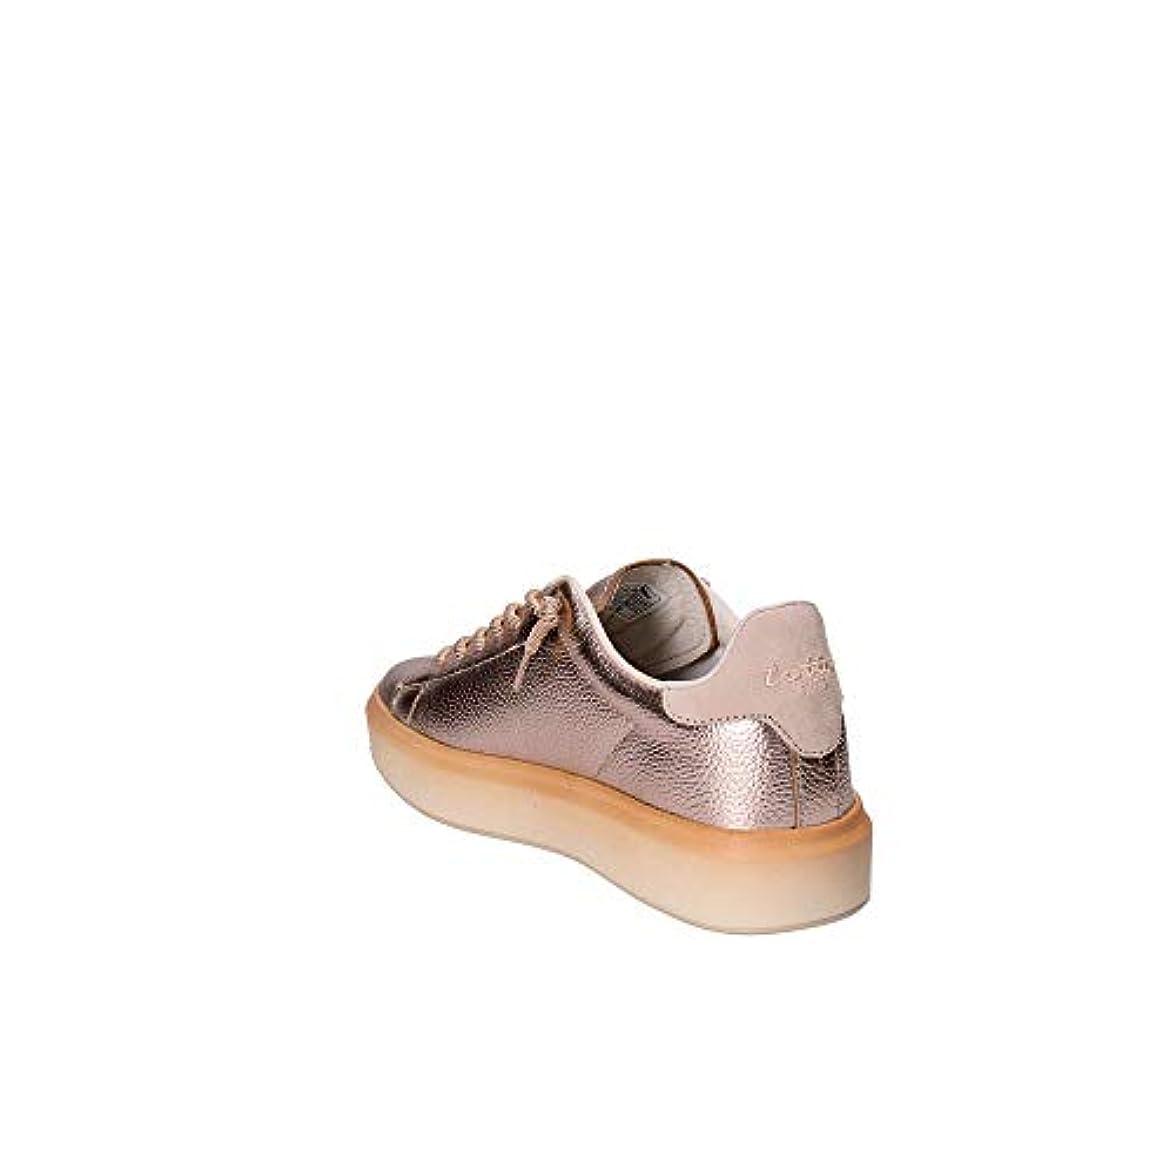 Lotto Scarpe Leggenda T7415 Argento Rosa Zeppa Donna Moda Sneakers Style